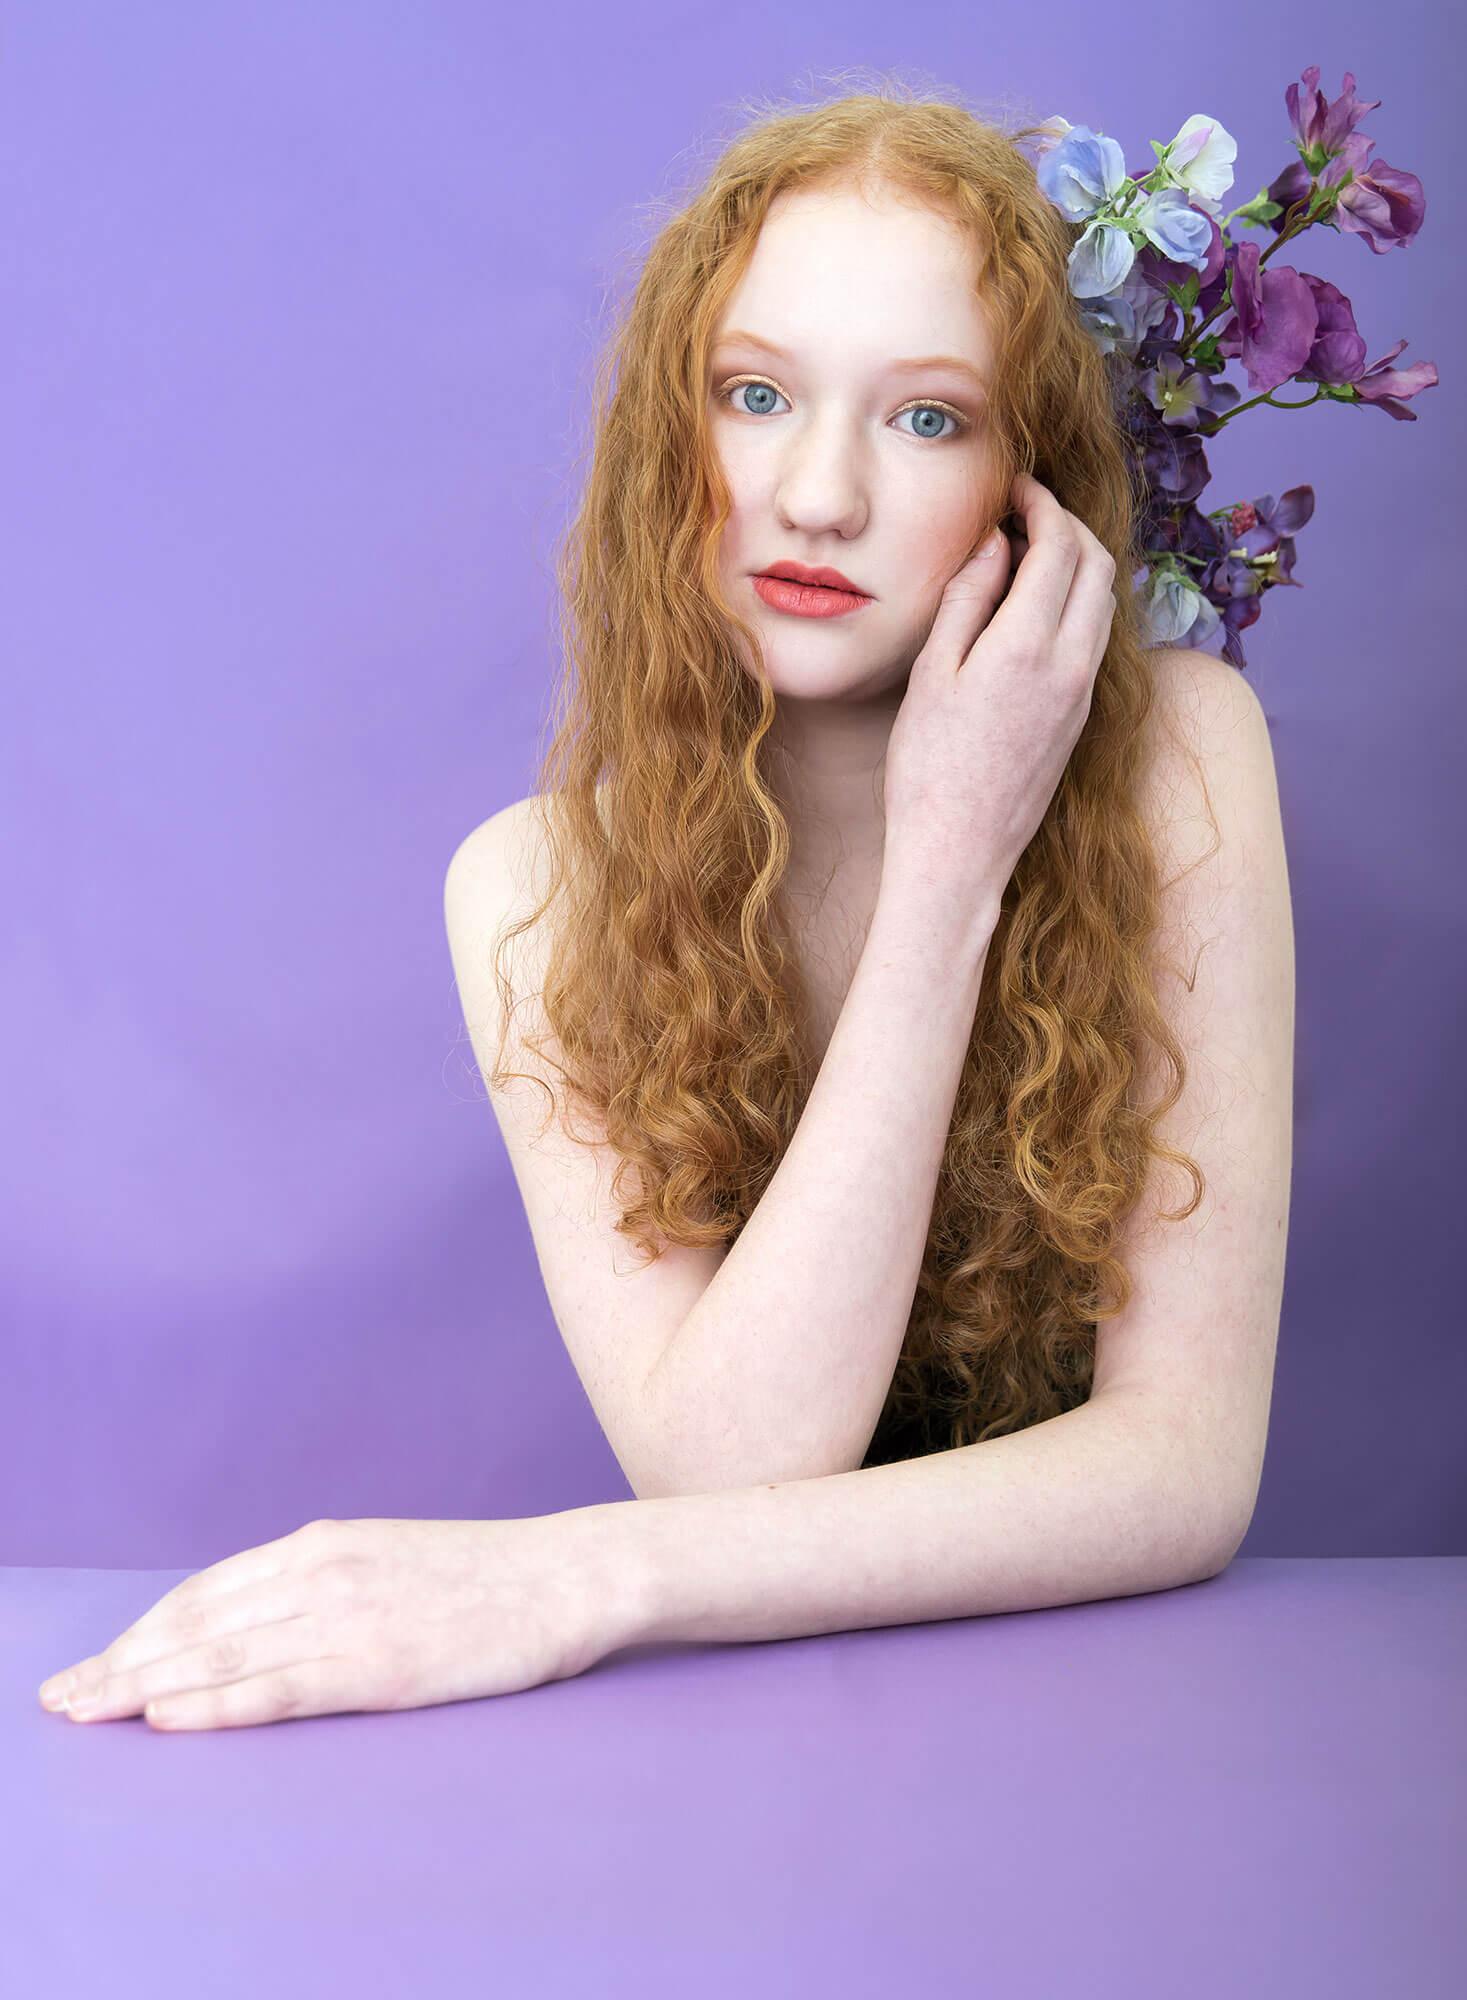 Ruth voor mijn serie Flowers 2.0